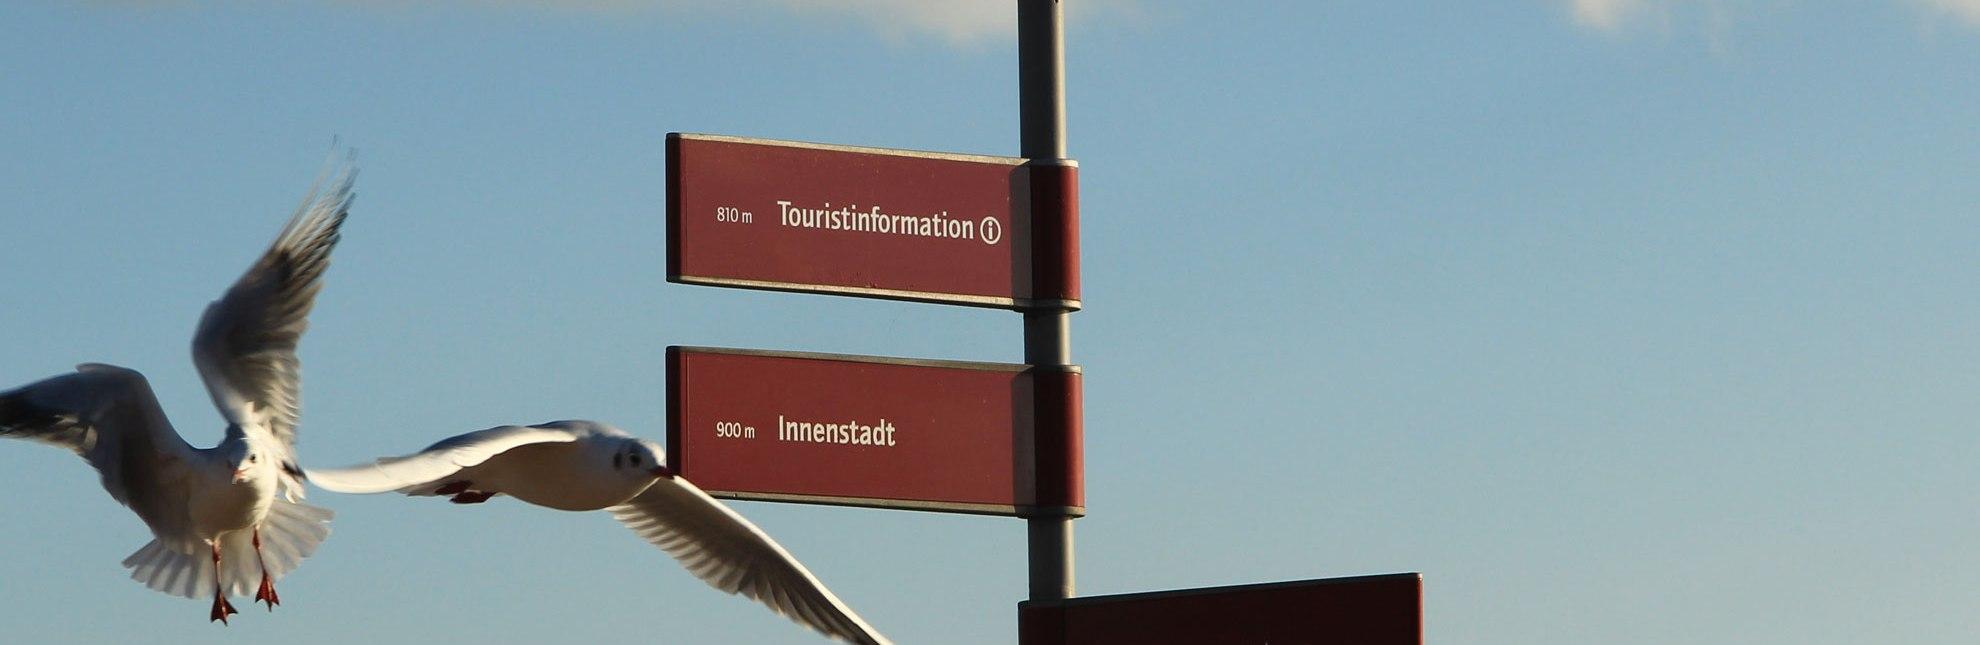 Hinweis zur Tourist-Information Geesthacht: Zimmervermittlung, Kartenmaterial, Urlaubstipps, © Tourist-Information Geesthacht